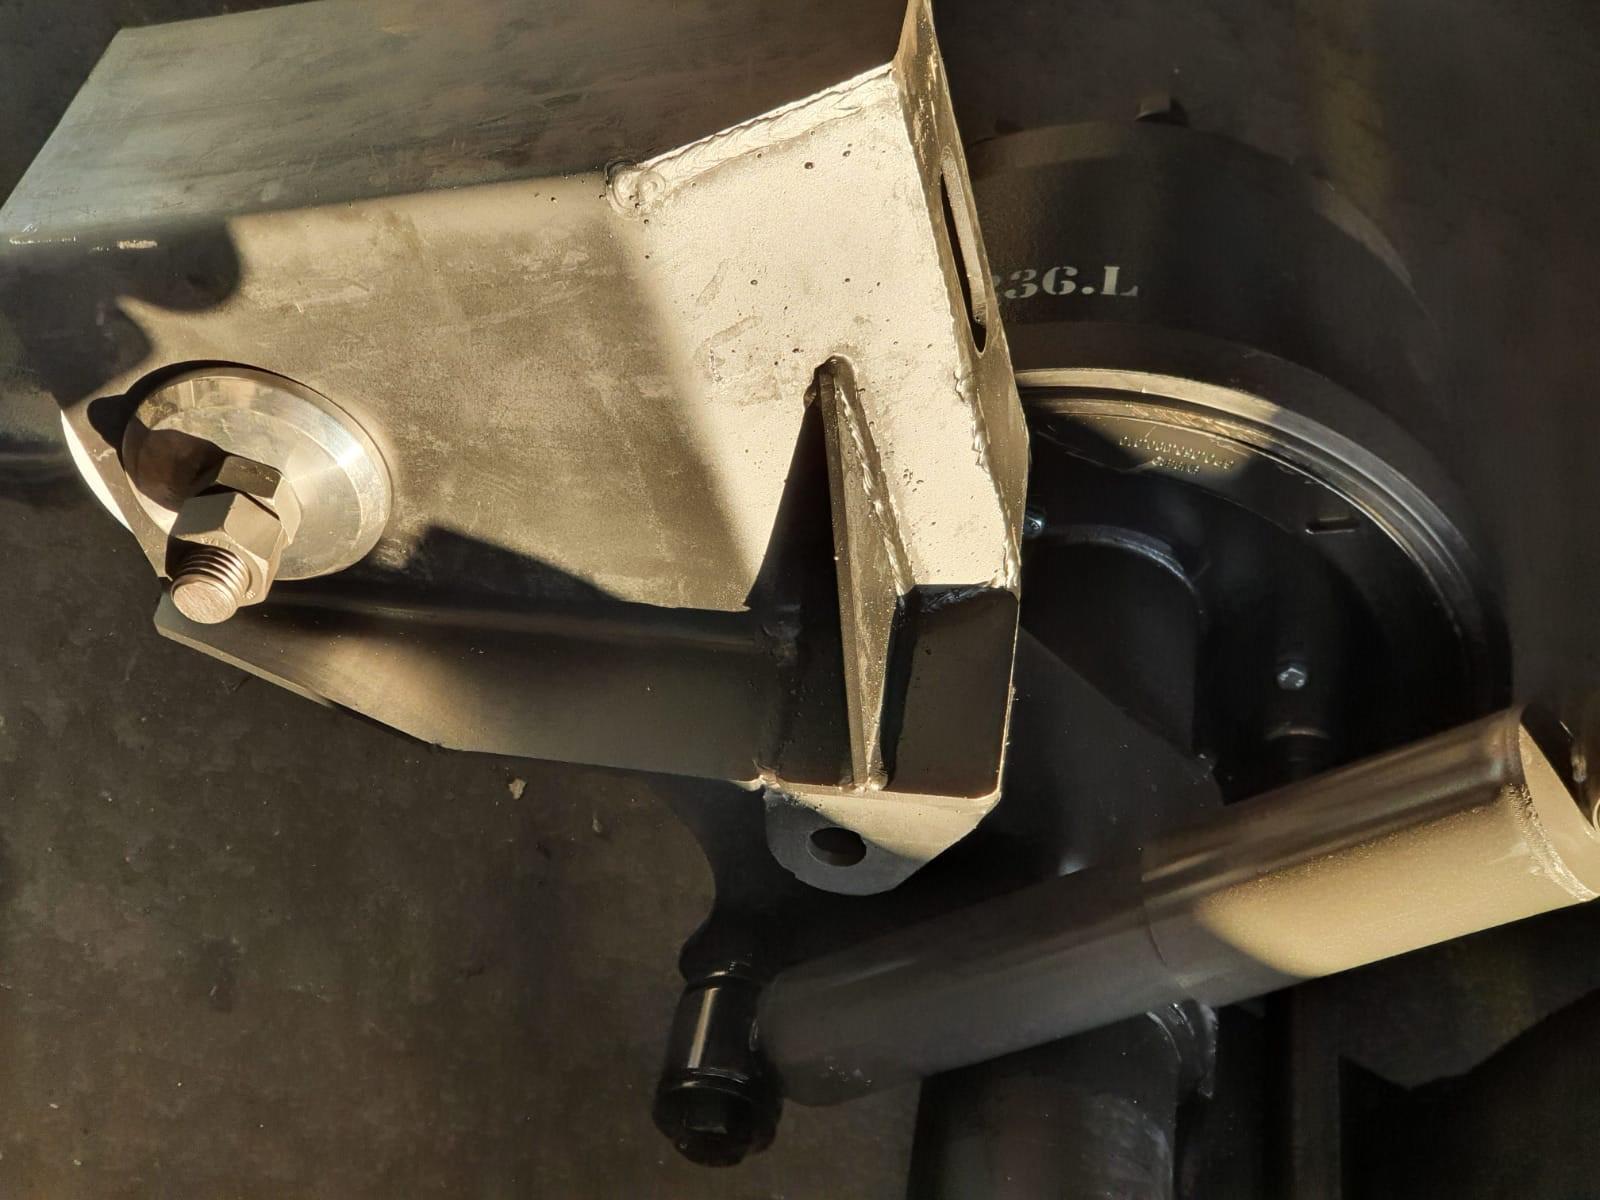 トレーラーエアサスペンション  ゆるみ箇所:ショックアブソーバーの締結、スプリングハンガーとリーフスプリングの締結、Uボルトの締結